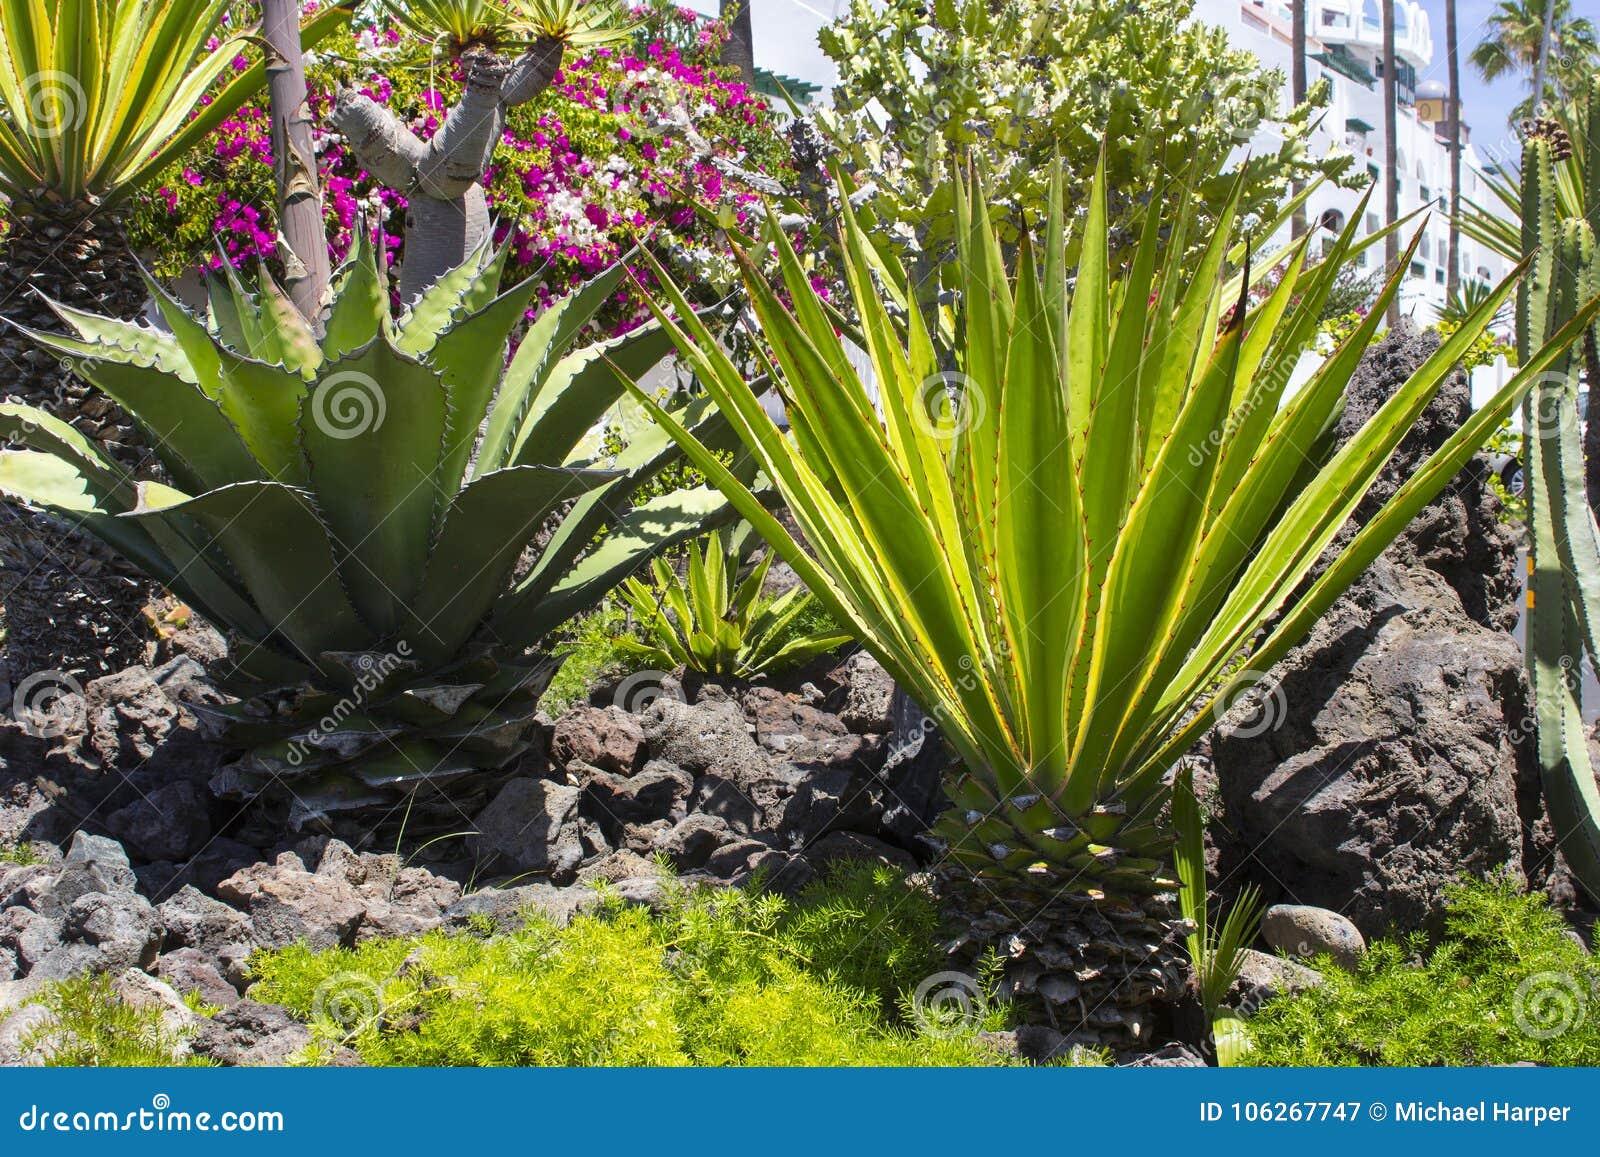 Cactii naturalizado grande en las camas del flwer a lo largo del frente de mar en Playa de Las Américas en Tenerife